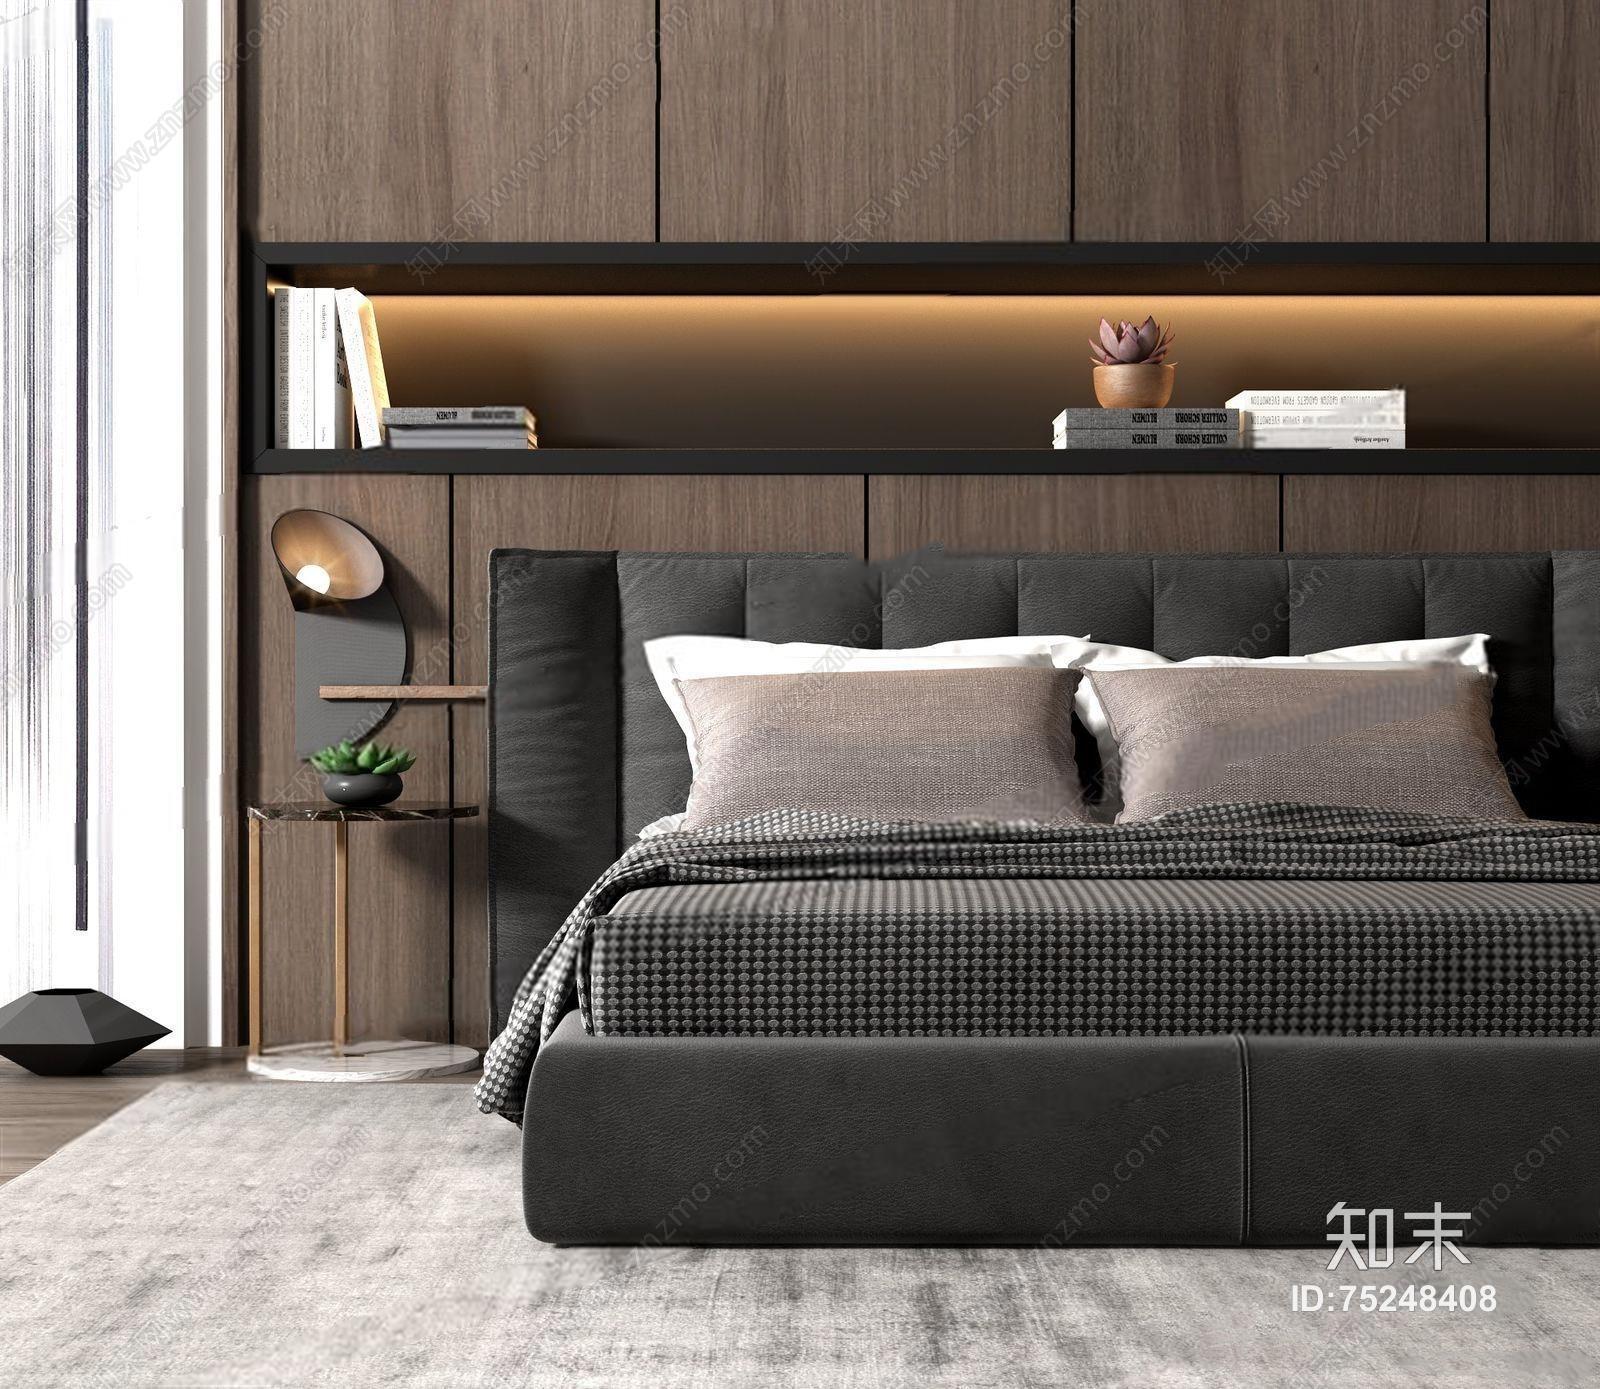 现代床具 现代双人床 床具 角几 床头灯 壁灯 床品 背景墙